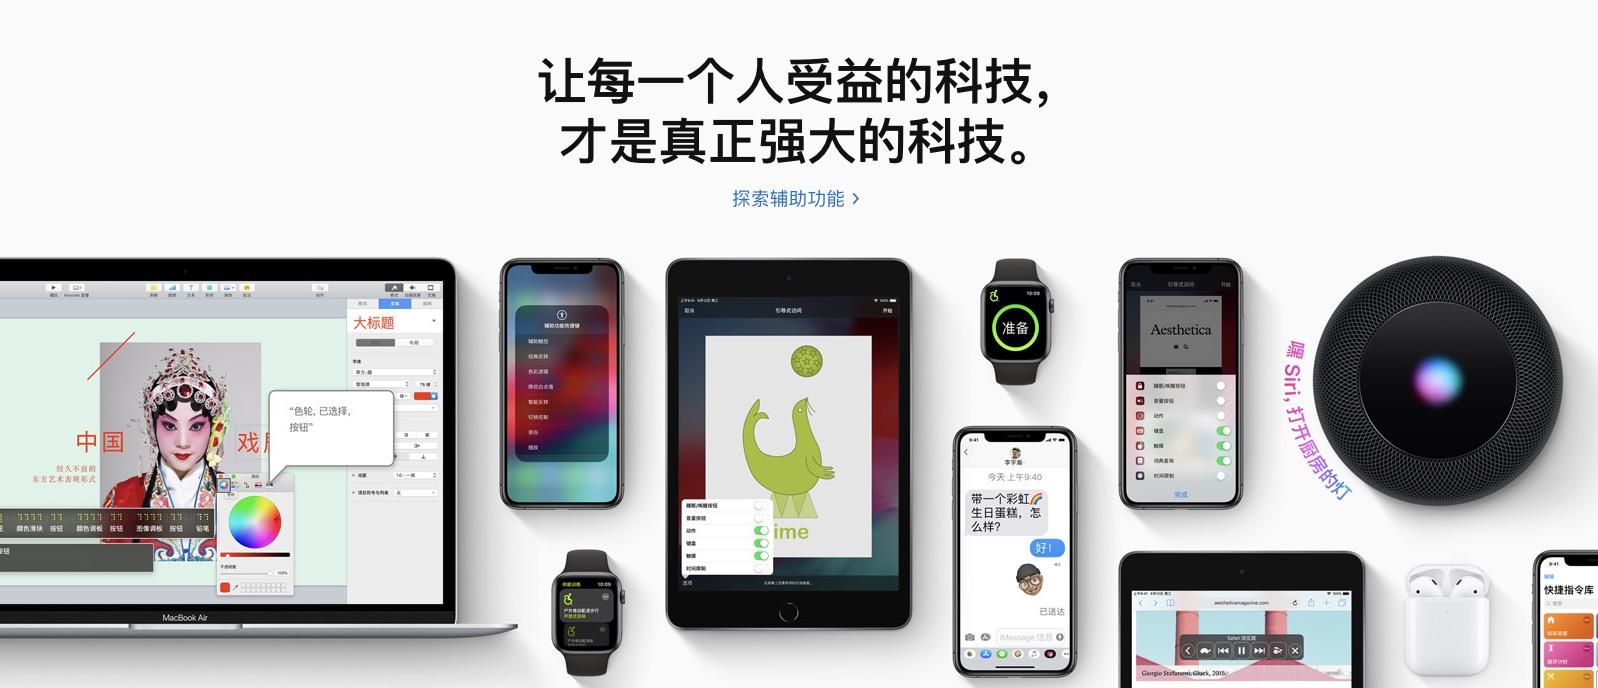 Apple 官网主页宣传全球无障碍日:真正强大的科技让每个人都能受益